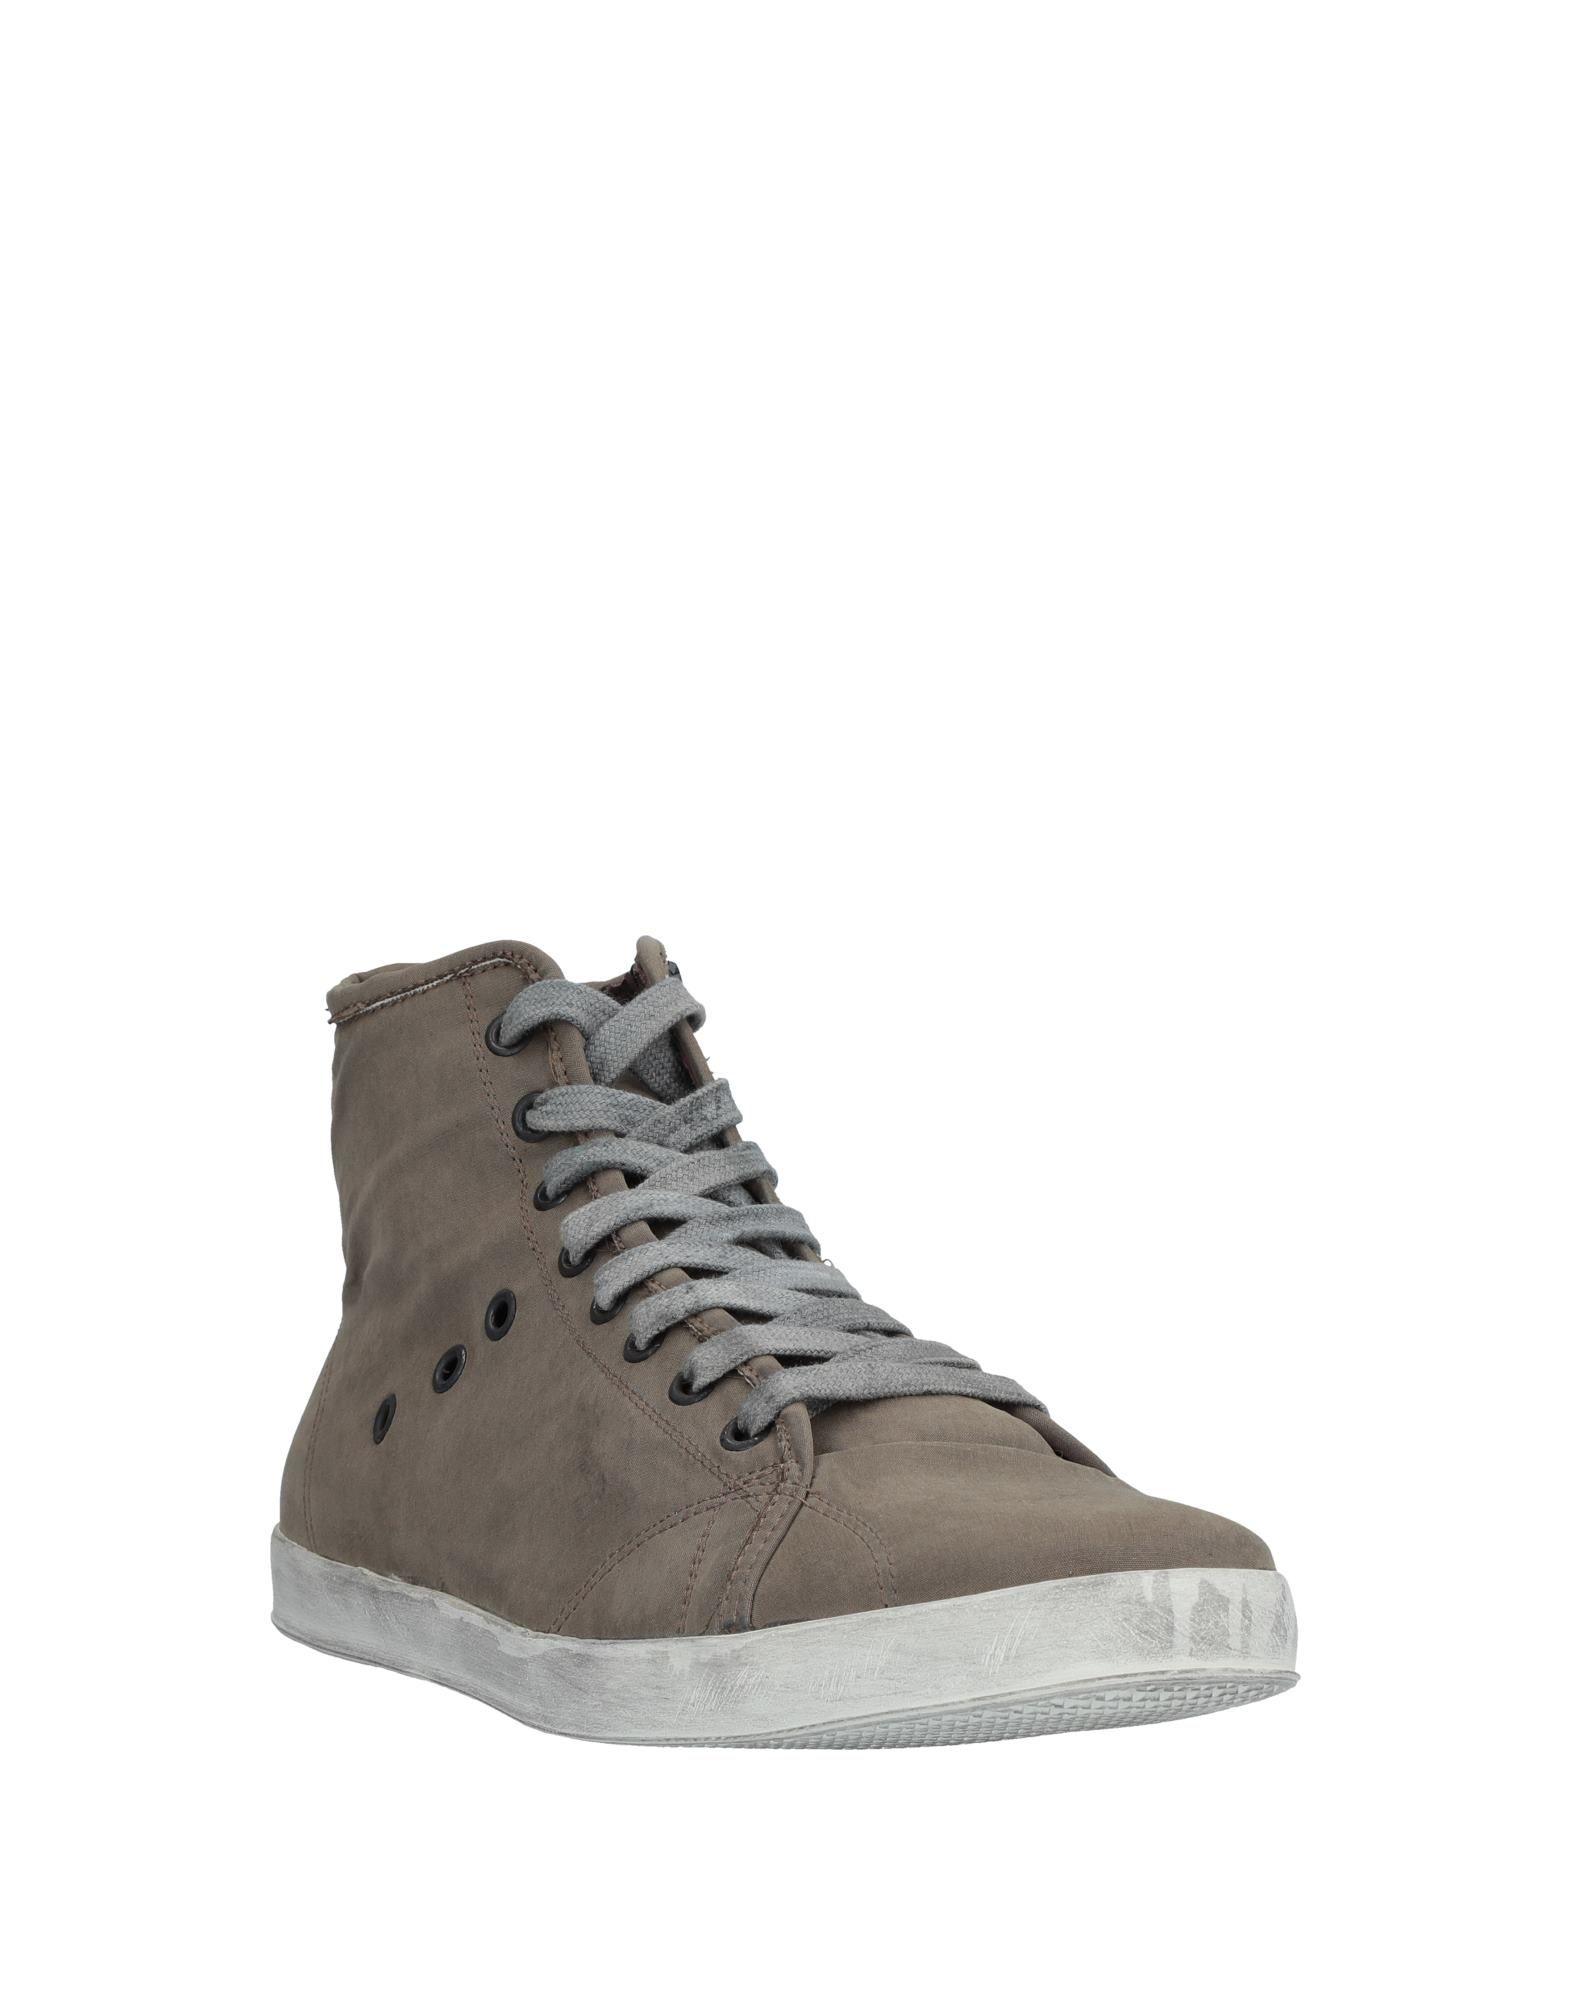 Daniele Alessandrini Sneakers Herren Herren Sneakers  11533525PG 1b9760